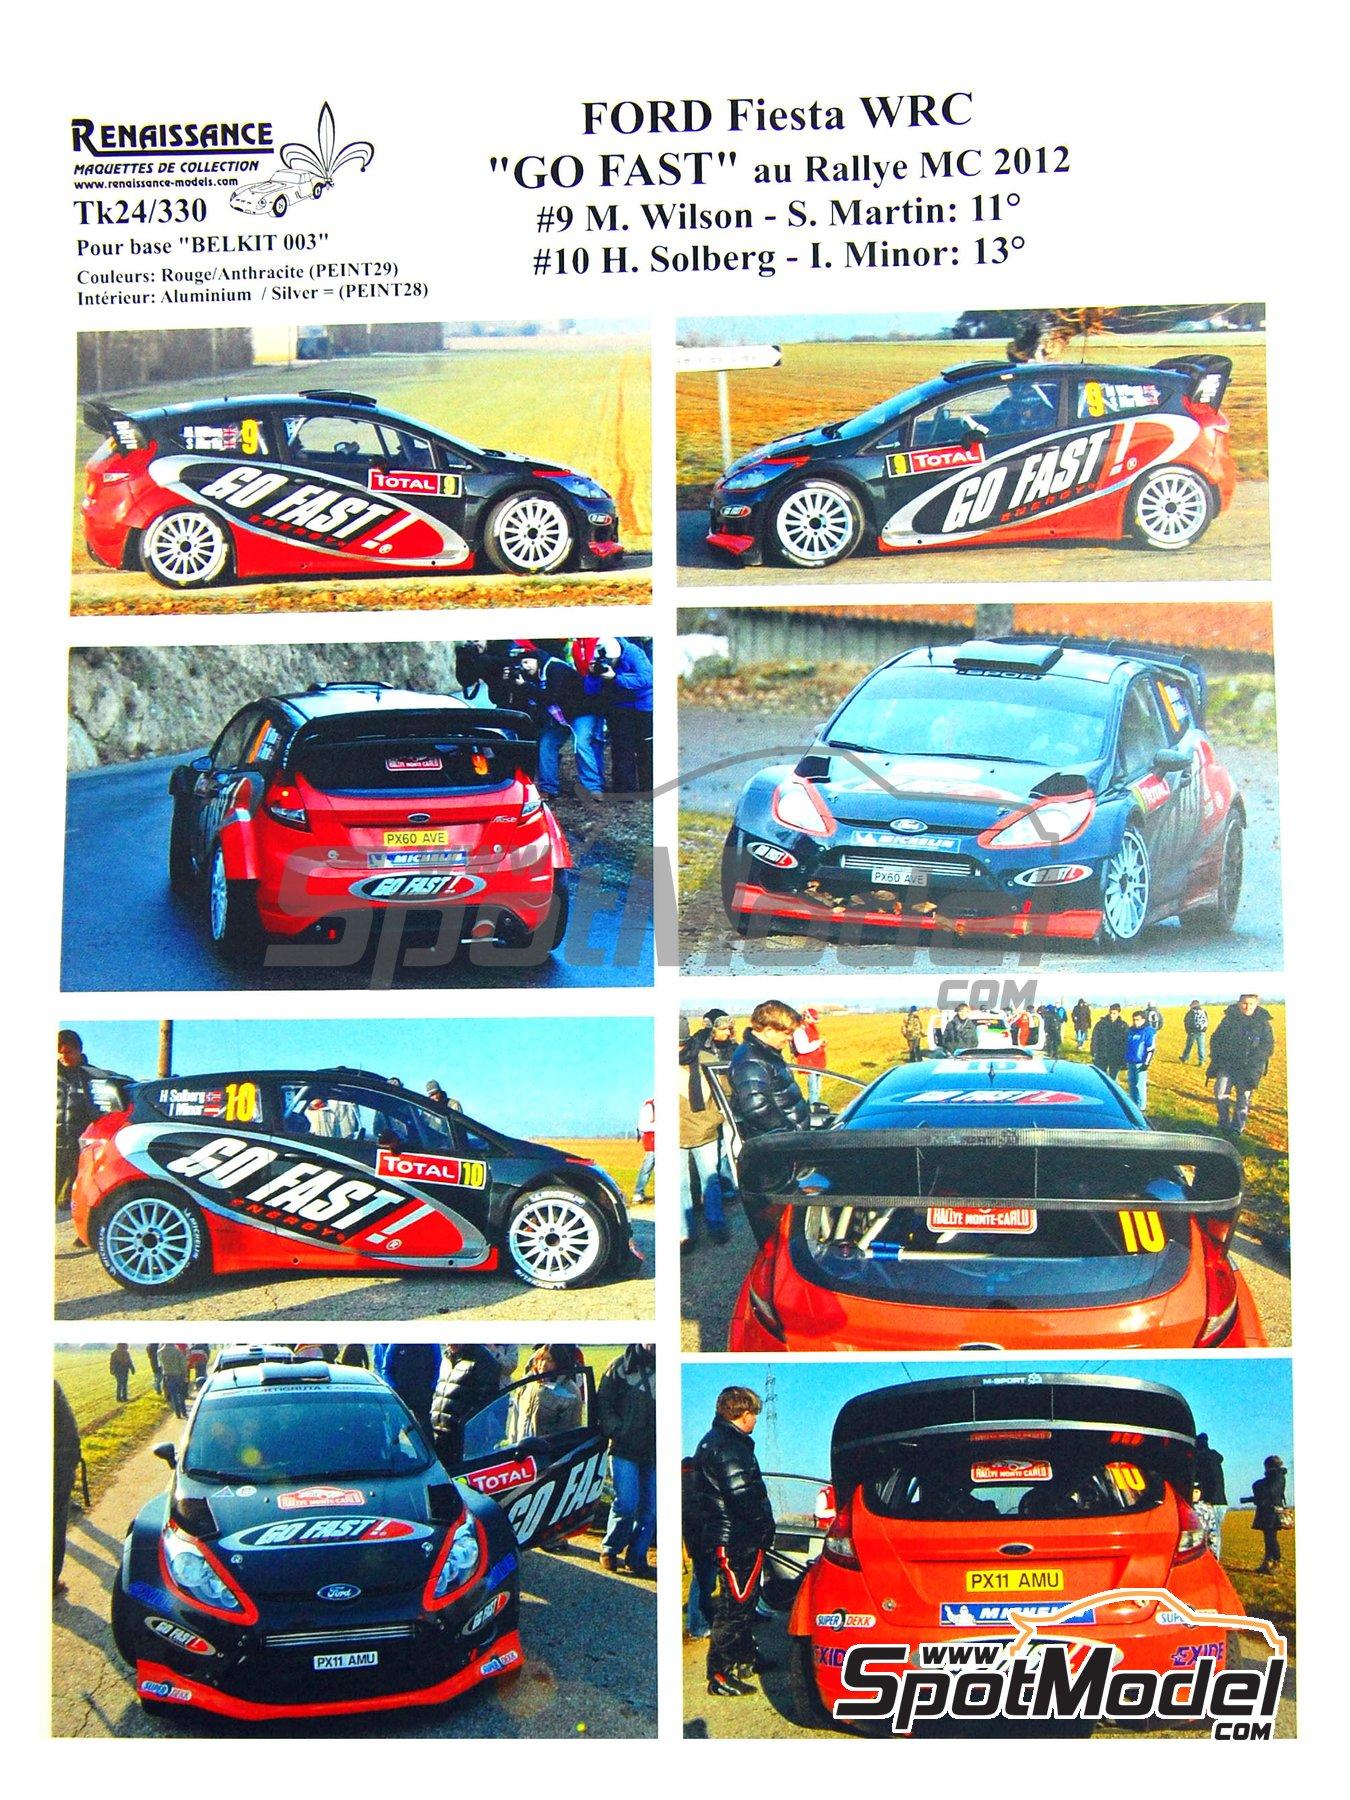 Ford Fiesta WRC Go Fast! - Rally de Montecarlo 2012 | Calcas de agua en escala1/24 fabricado por Renaissance Models (ref.TK24-330) image